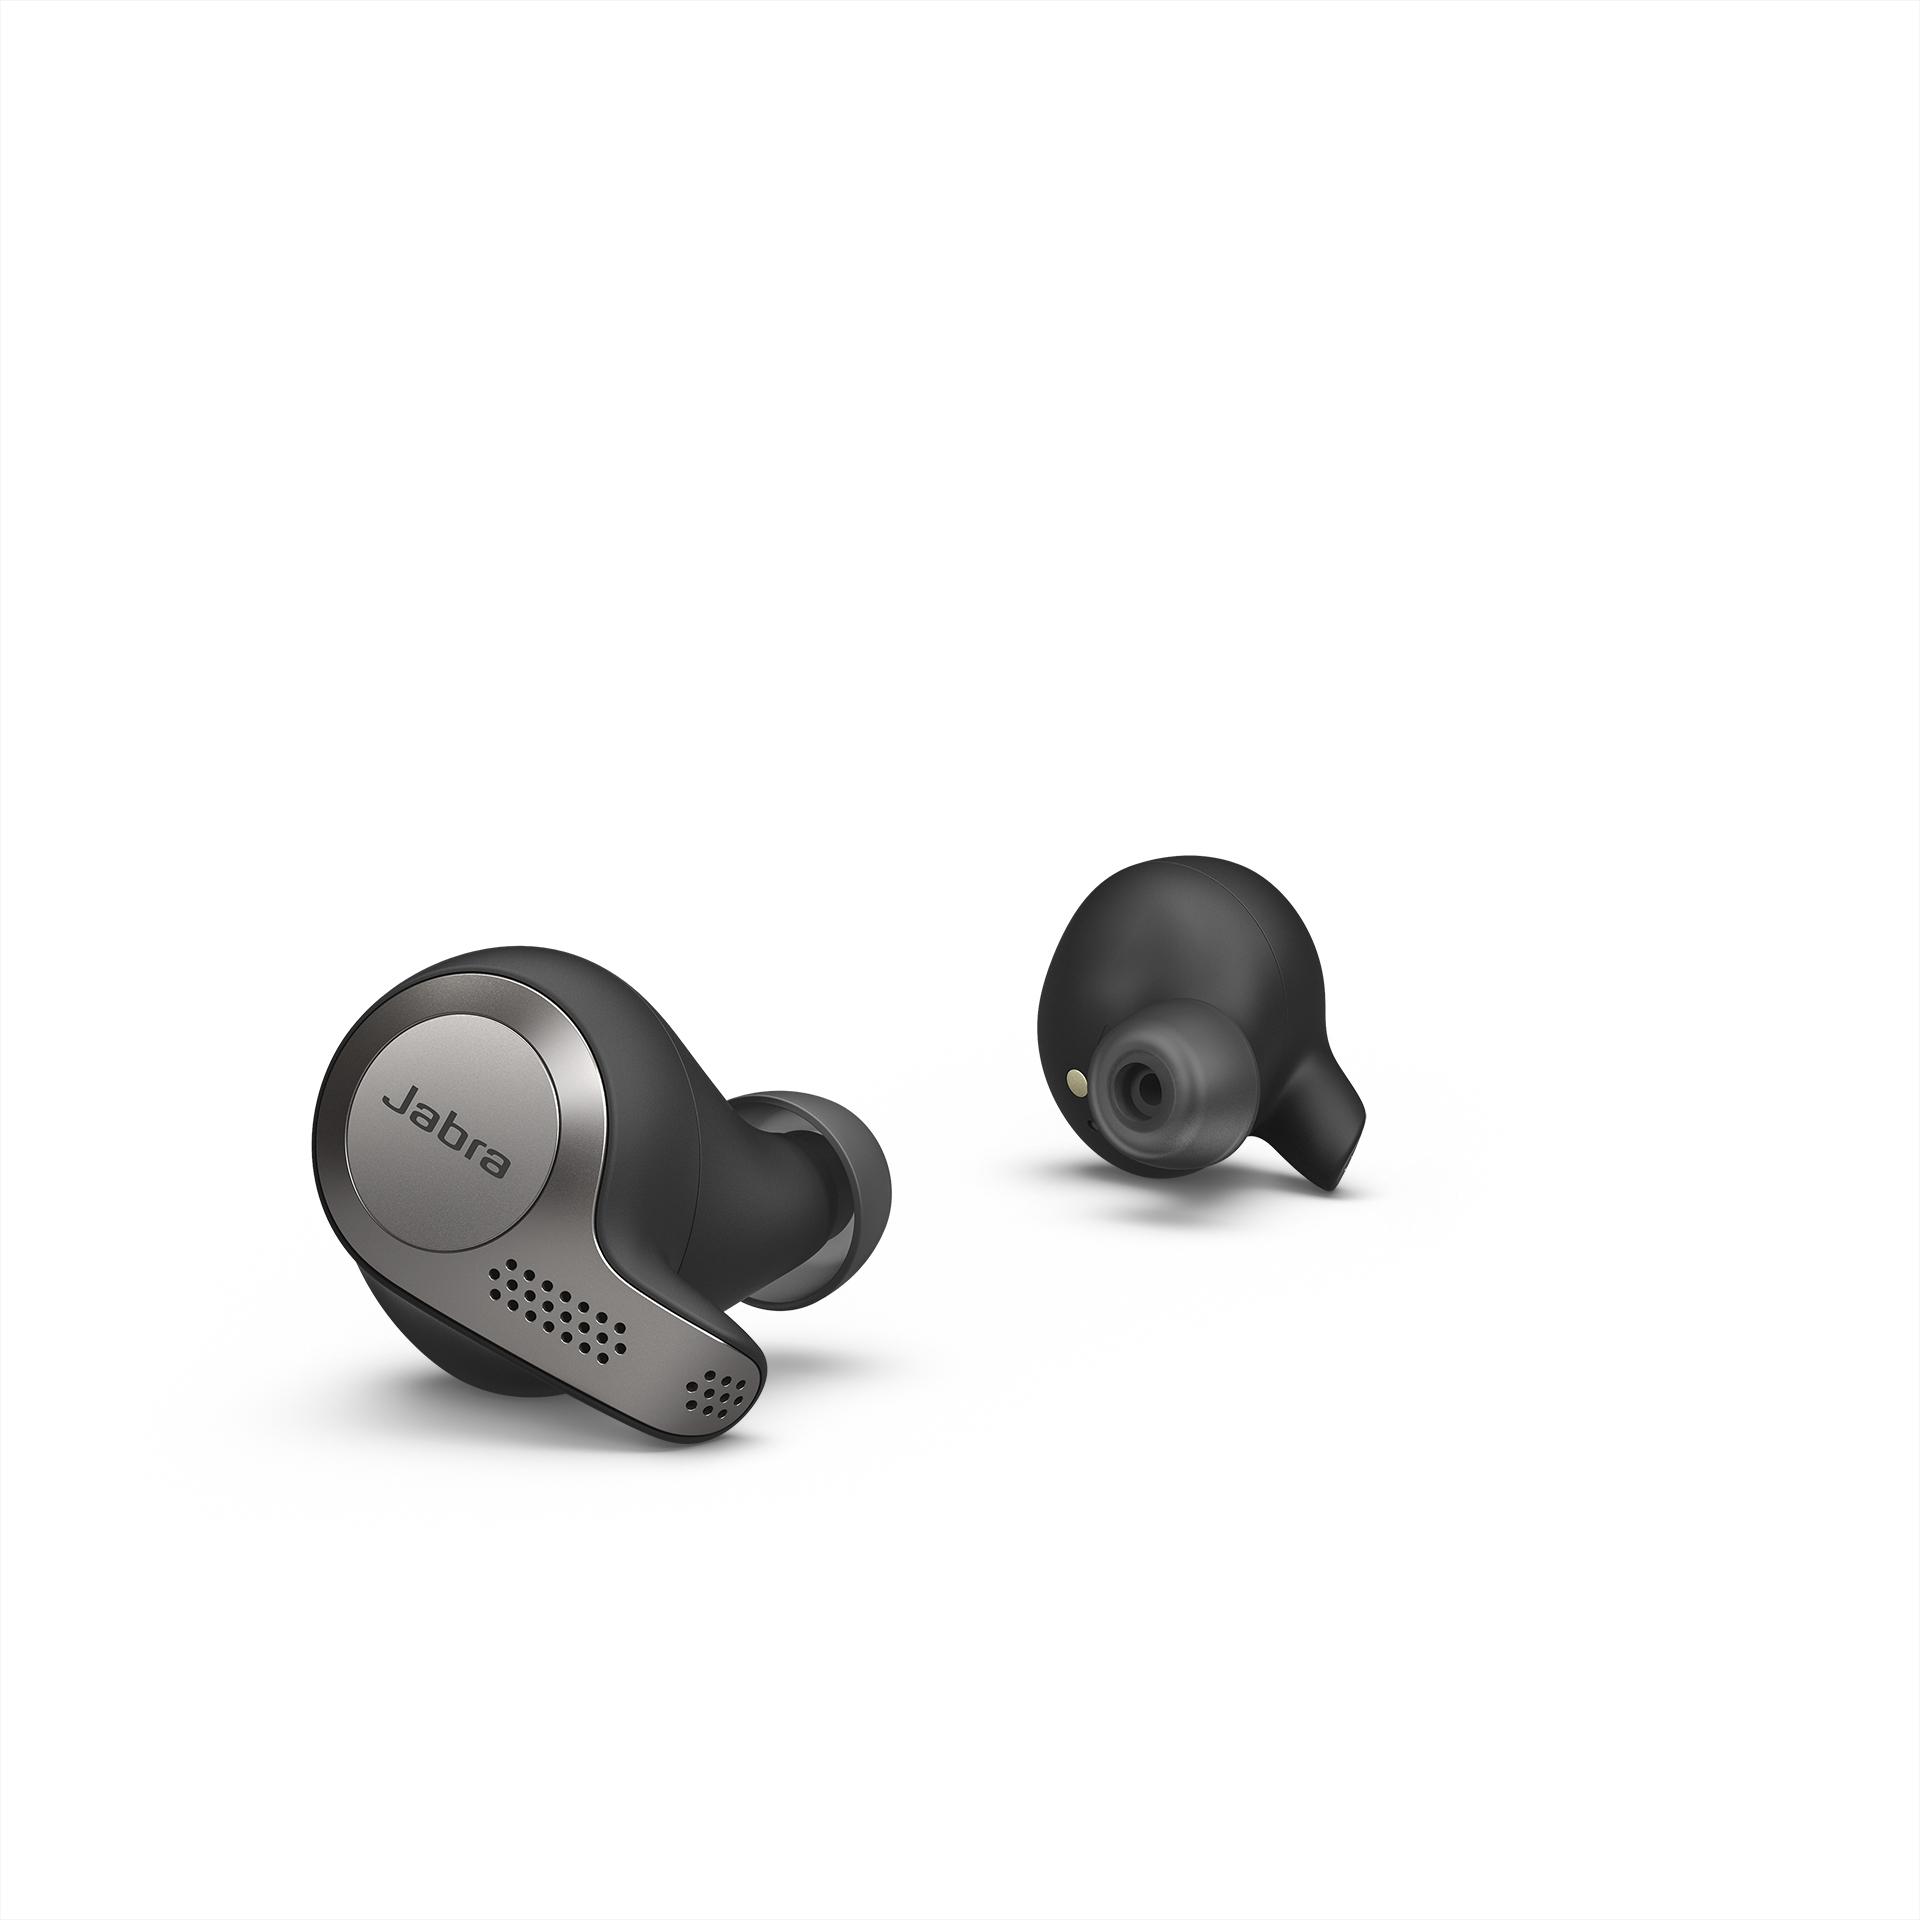 Jabra Evolve 65t_03_earbuds1